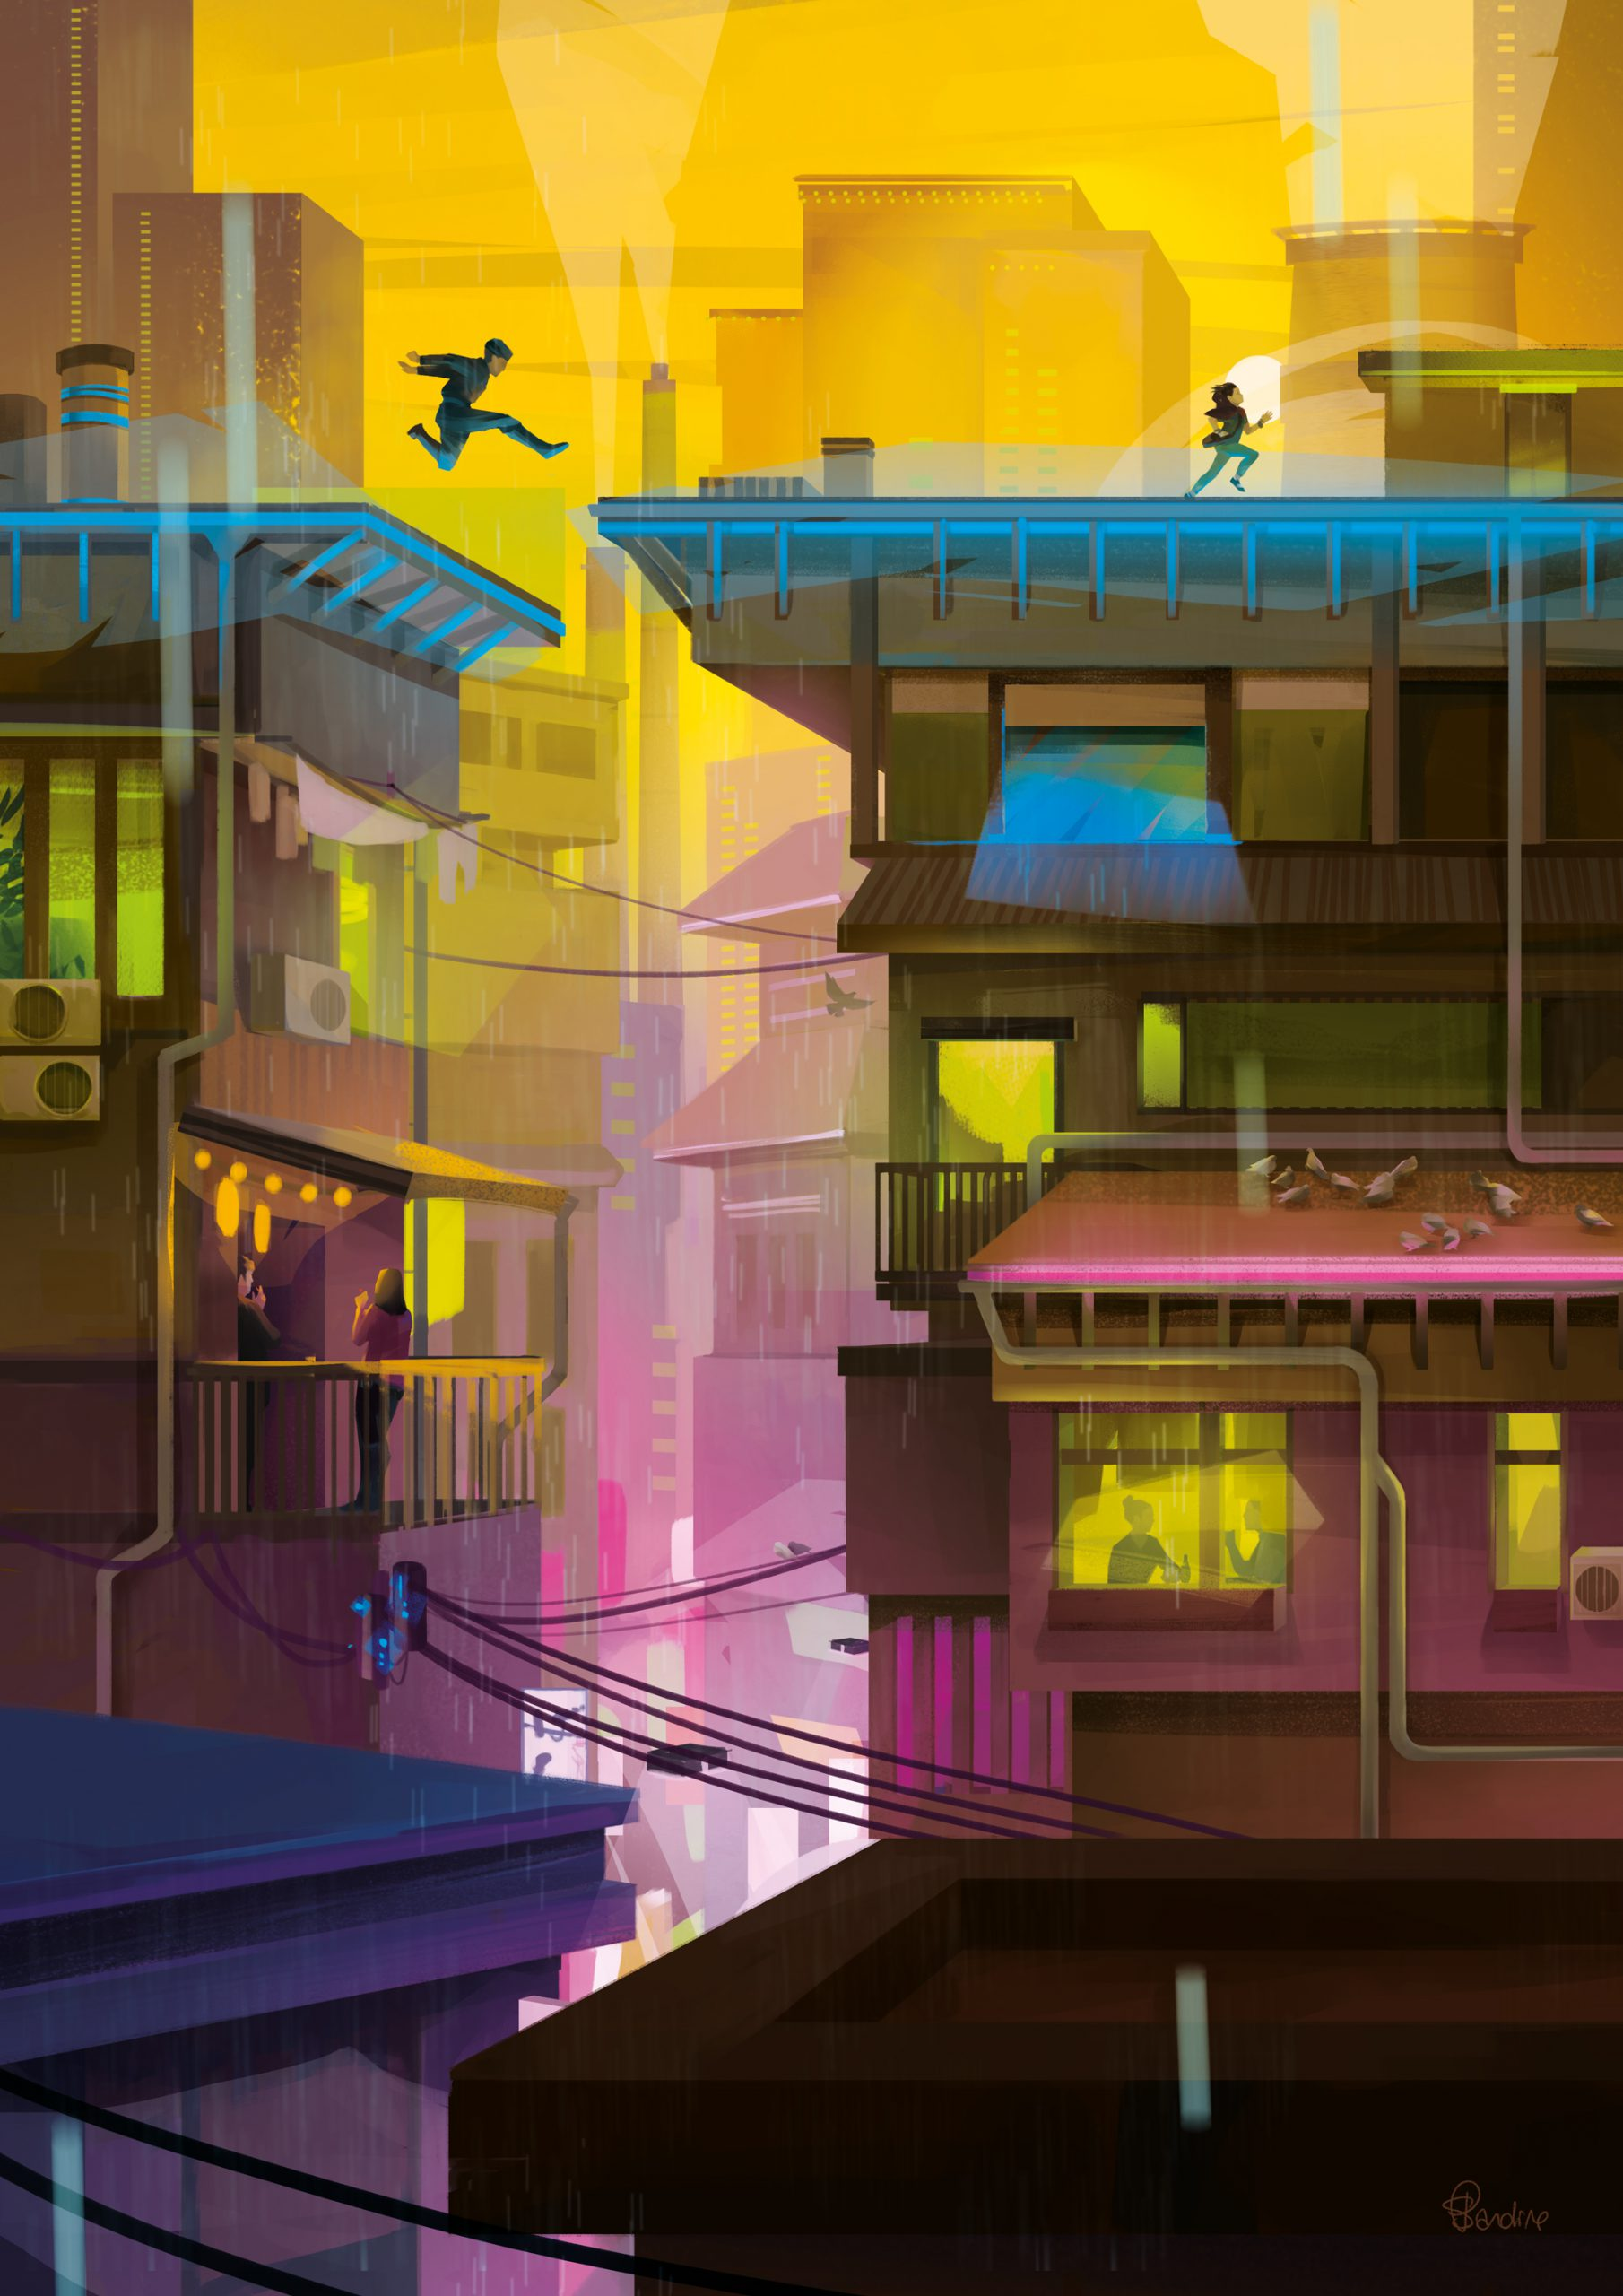 Illustration de Sandrine Pilloud | Chasing | Livre Kanako Sawada écrit par Lionel Tardy